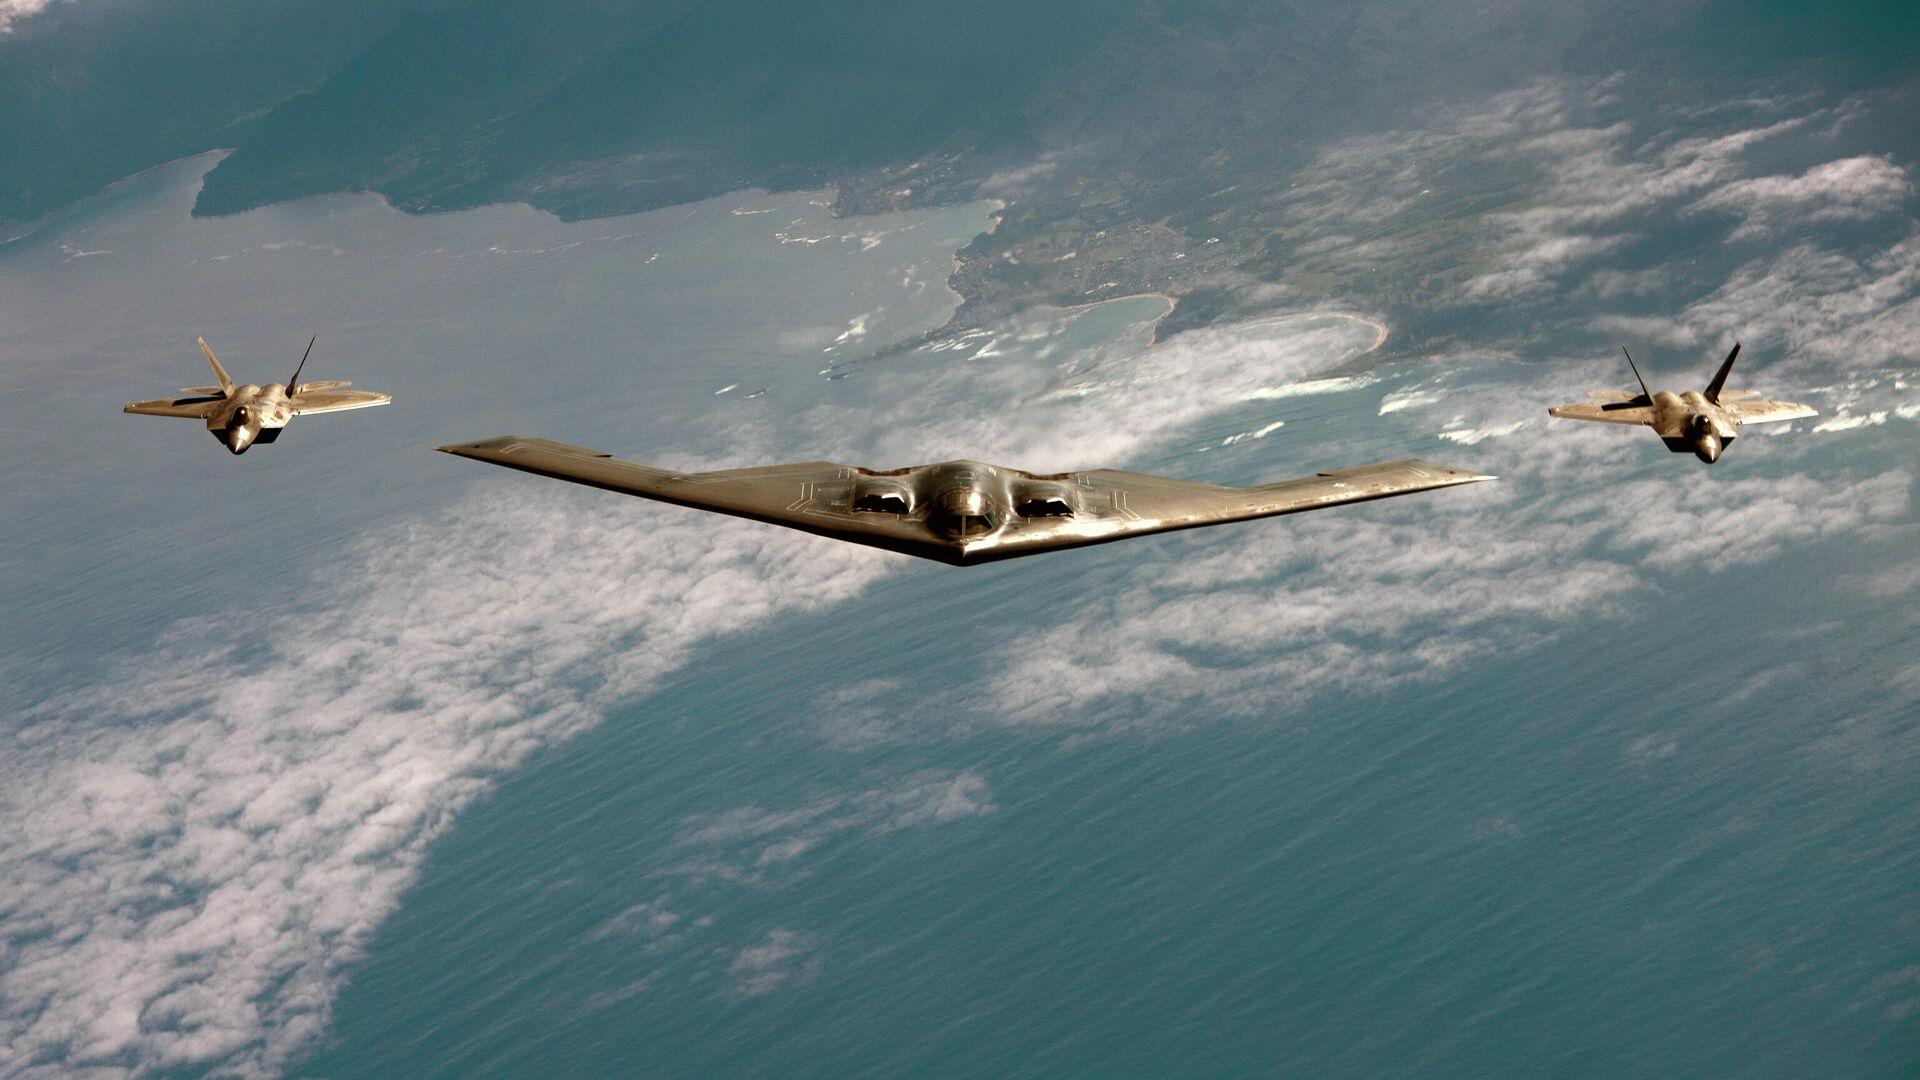 Американский малозаметный стратегический бомбардировщик Northrop B-2 Spirit в сопровождении истребителей F-22 Raptor - РИА Новости, 1920, 26.01.2021